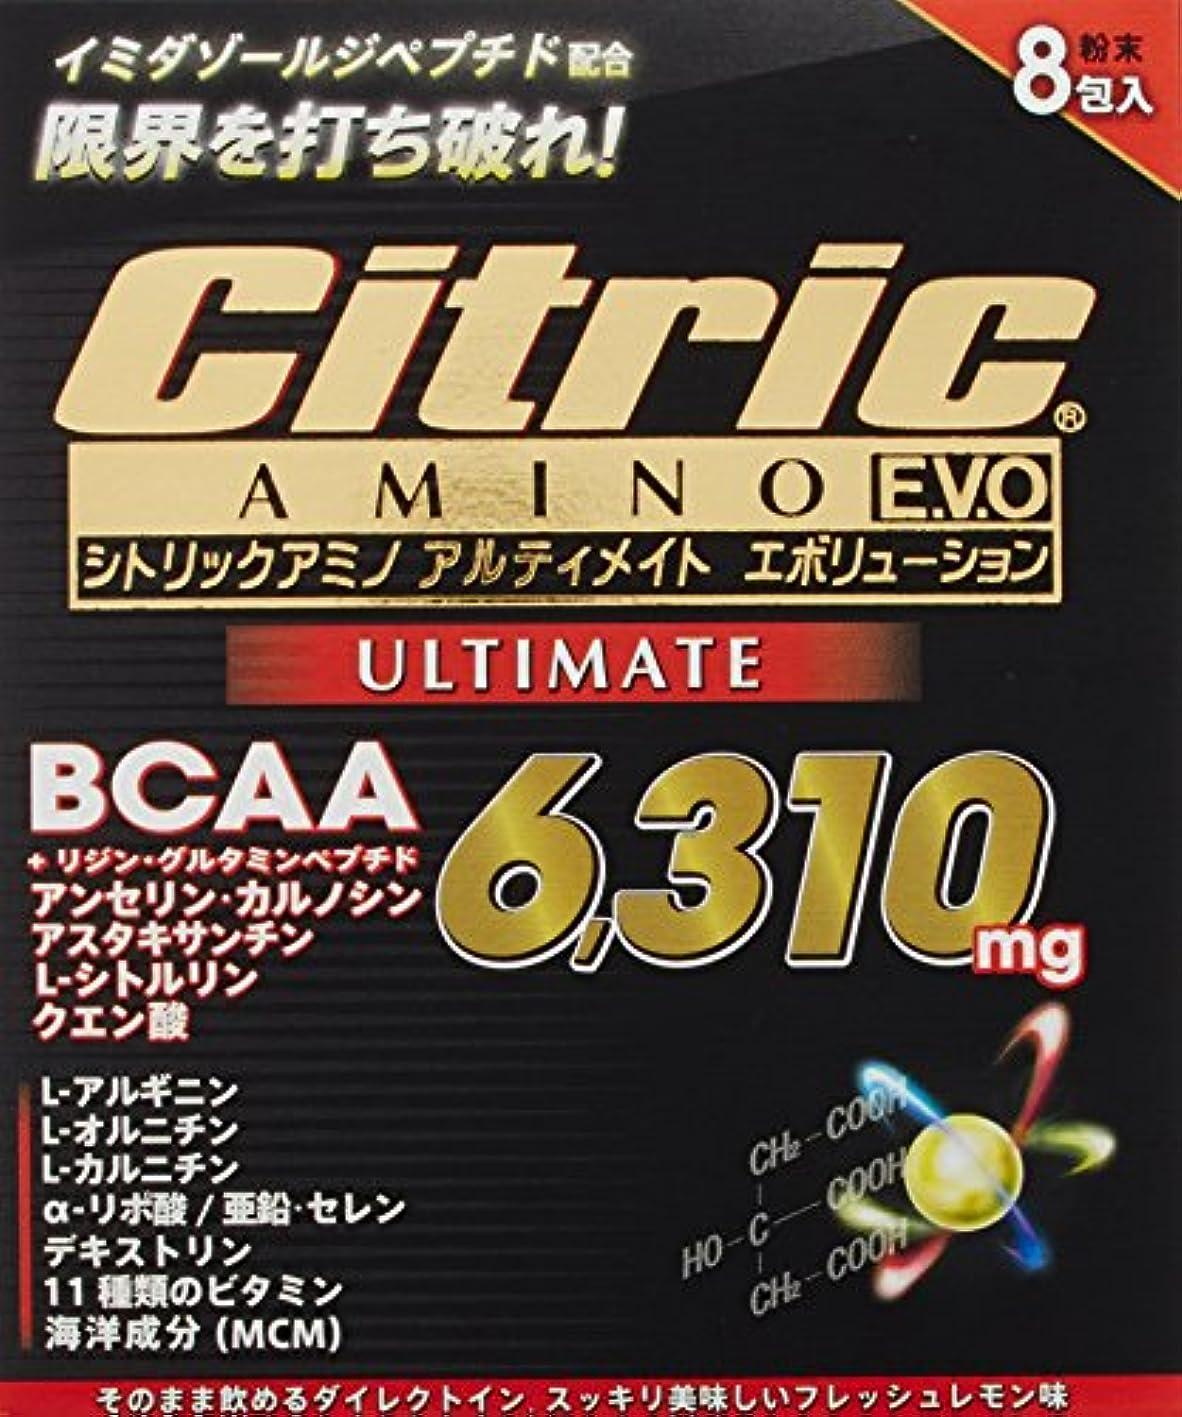 クリエイティブクリエイティブ計算シトリックアミノ(Citric AMINO) (アスリート向け) アルティメイト エボリューション 7.5g×8袋入  5279